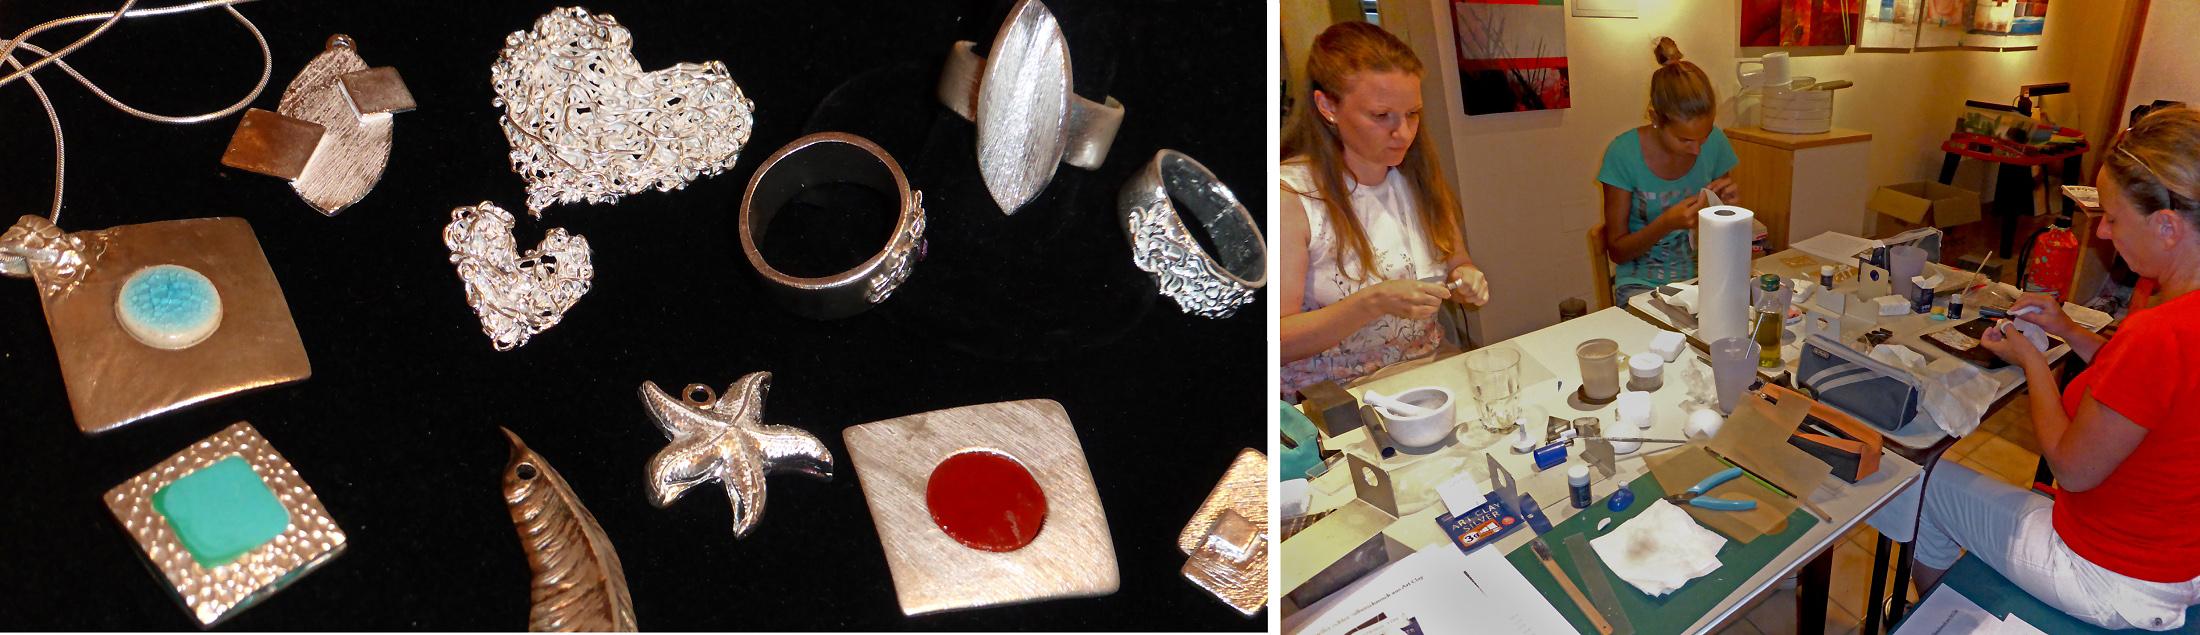 Art Clay Silver - Herstellung von Silberschmuck - mit Sabine Schimani